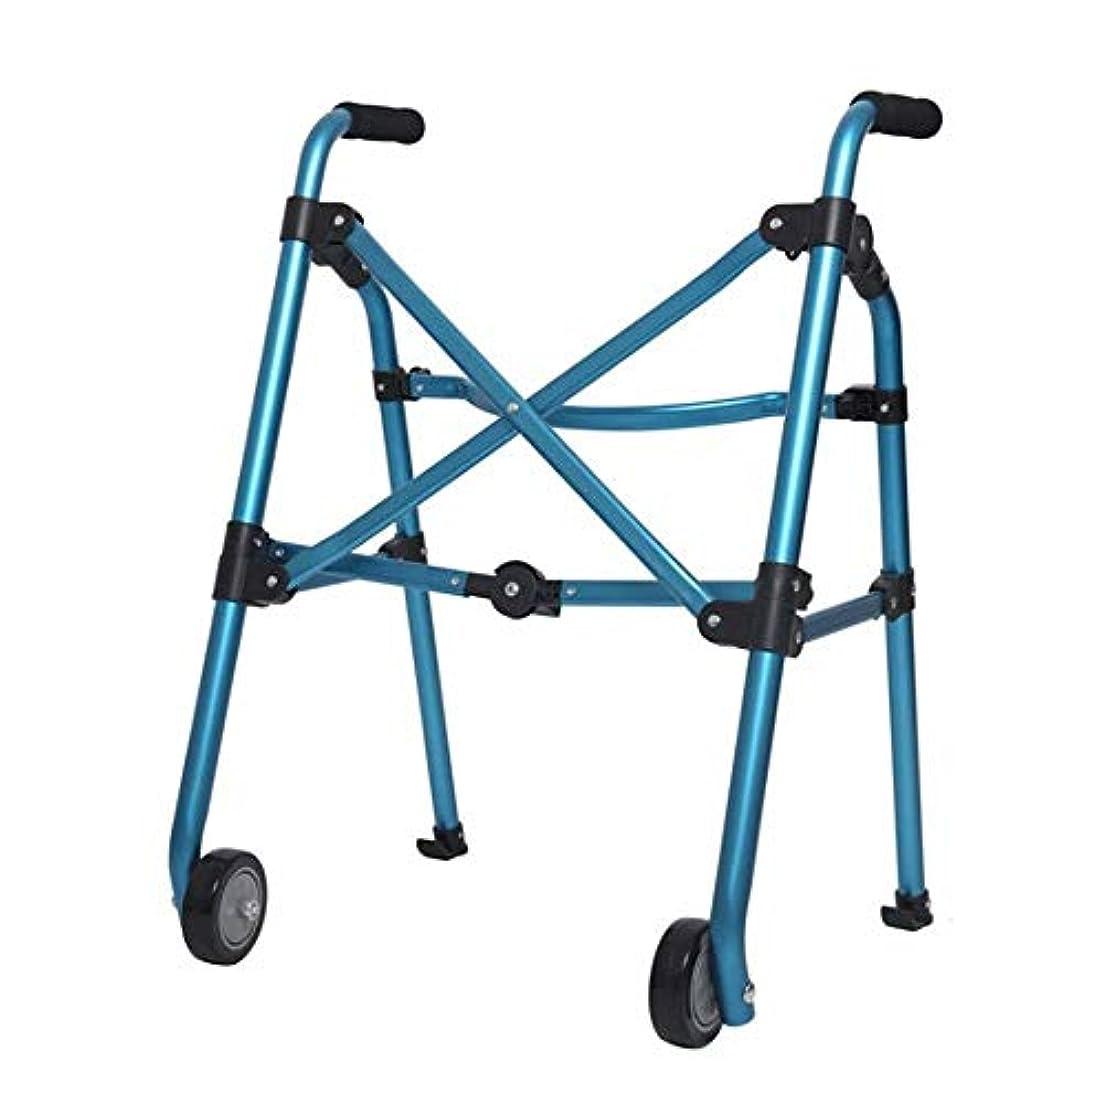 ボート優越好奇心二輪歩行フレーム、折りたたみ式古い歩行者高齢者屋外バスルーム使用 (Color : 青)